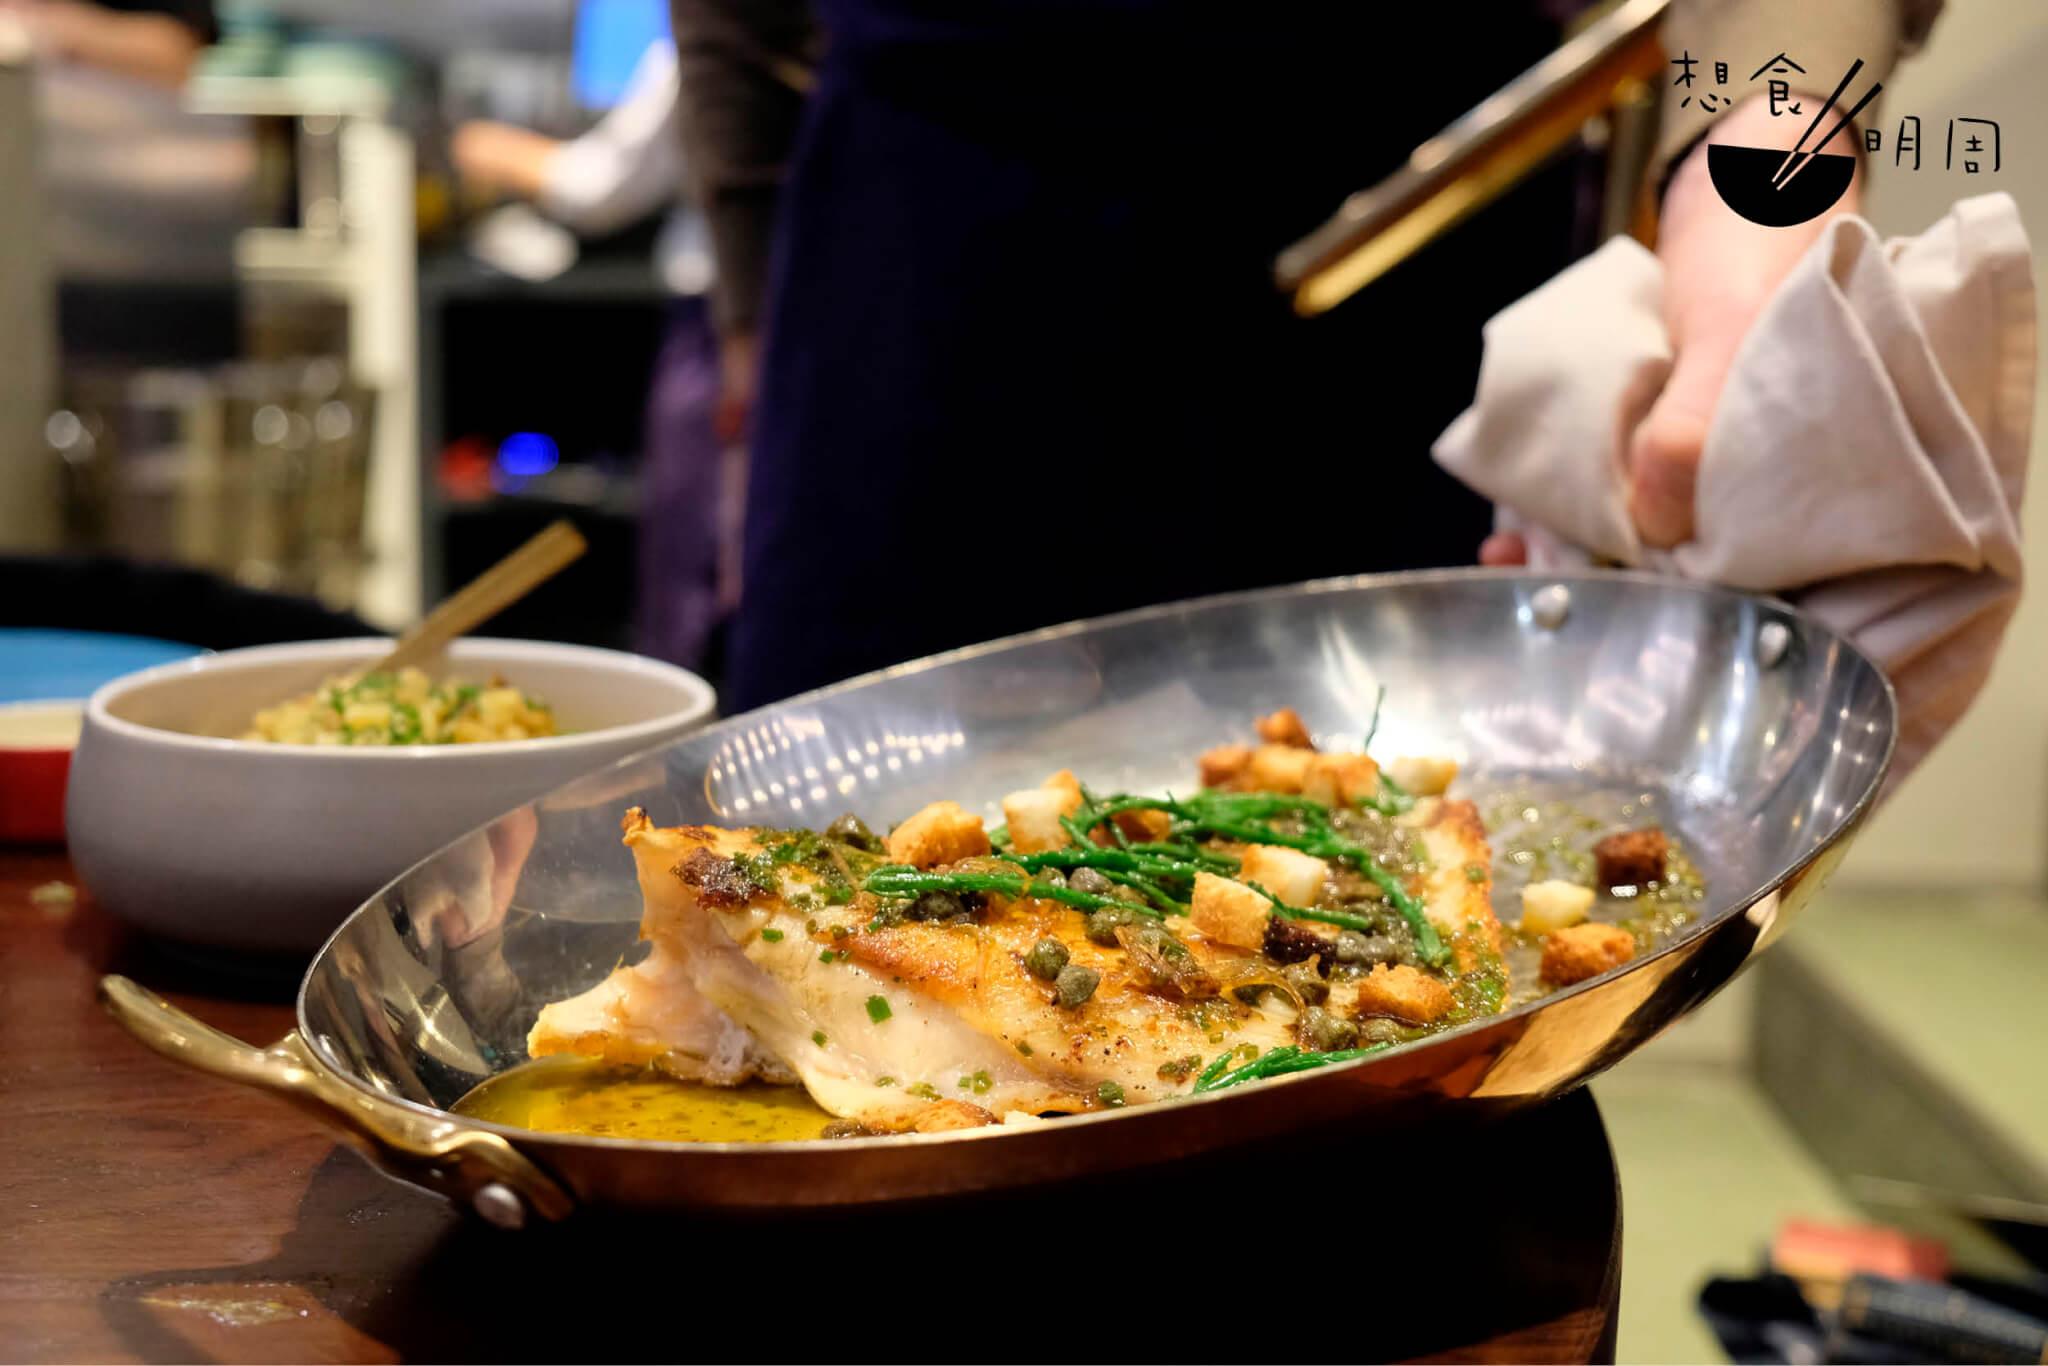 Aile de raie // 由巴黎知名海鮮品牌Qwehli引進的鰩魚翅(Skate Wing),亦即是魔鬼魚的翅翼,煎香後配牛油、蒜、酸豆、番茜。一大片魚翅肉用叉子一勾一潑就落下,又或是整片切下,咬開來的骨頭都是軟骨。($438)